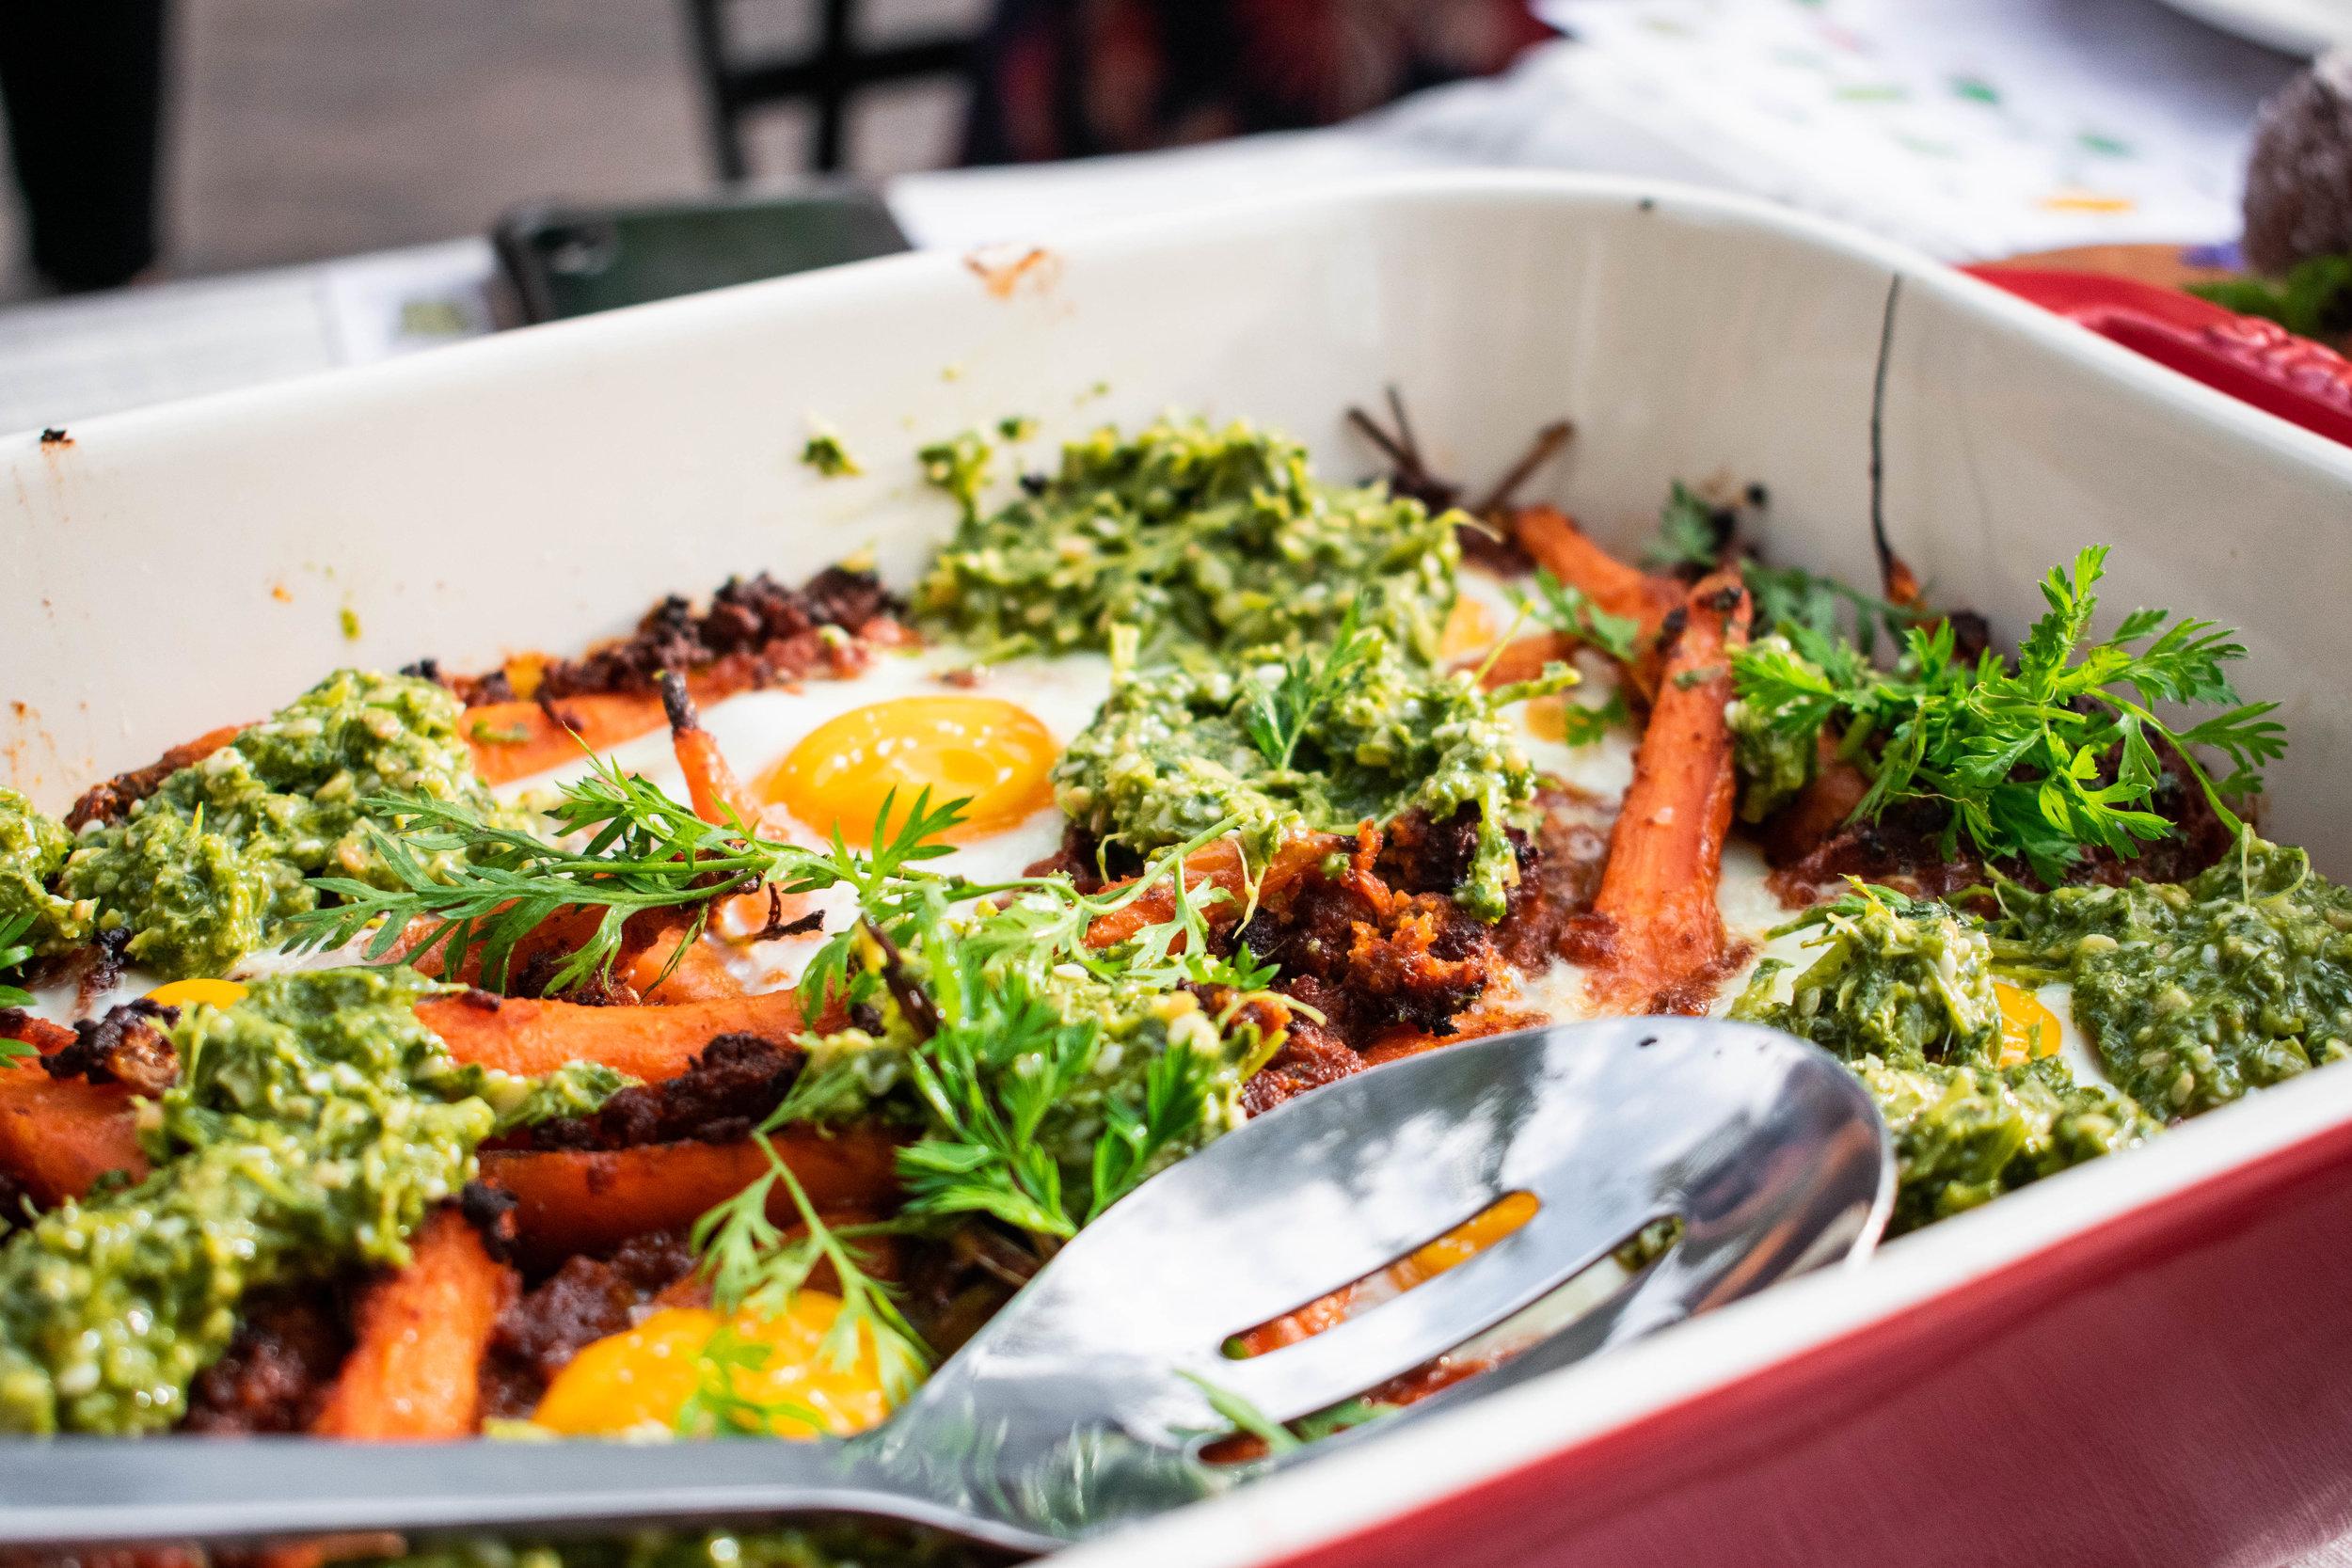 Farm Fresh Egg Bake  from Chef Paul C. Reilly, Beast+Bottle & Coperta